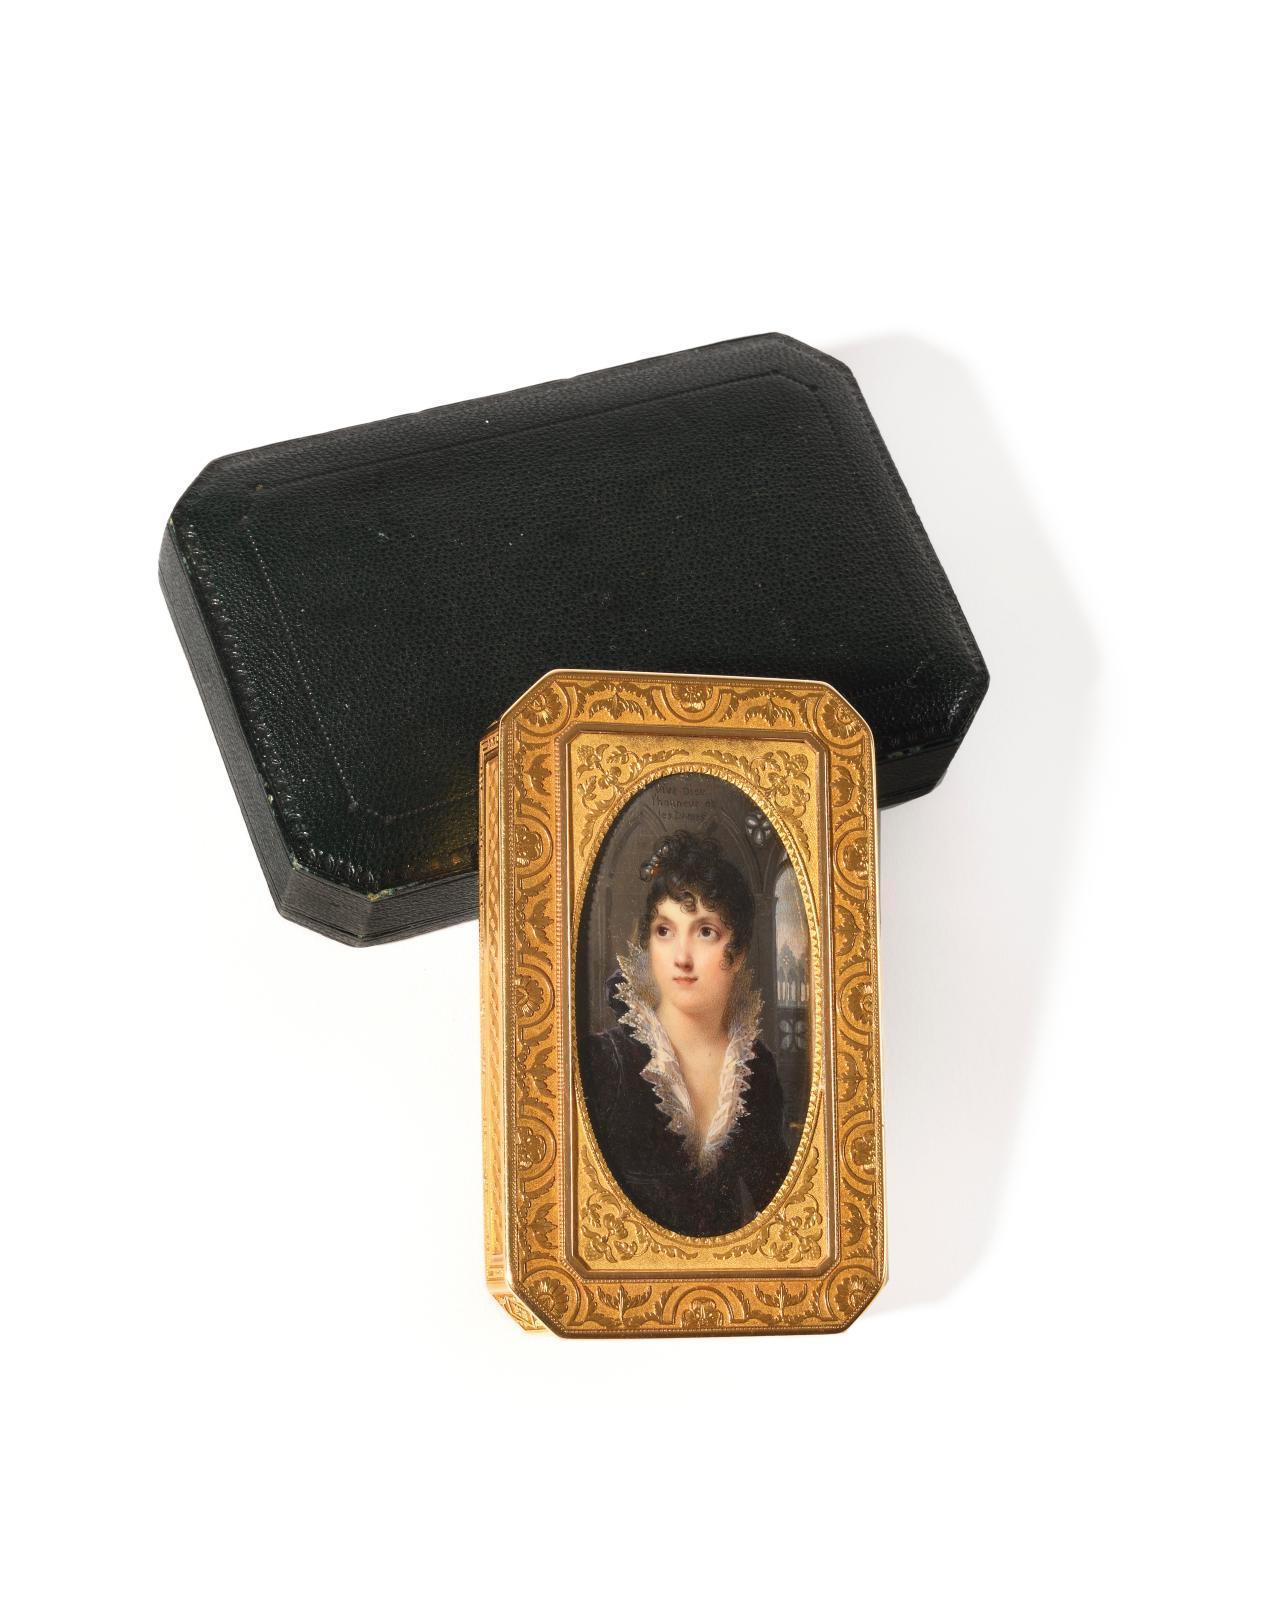 Signée par Jean Baptiste Isabey (1767-1855), qui l'a réalisée vers 1807-1808, cette miniature représente la duchesse de Bassano, vêtue à l